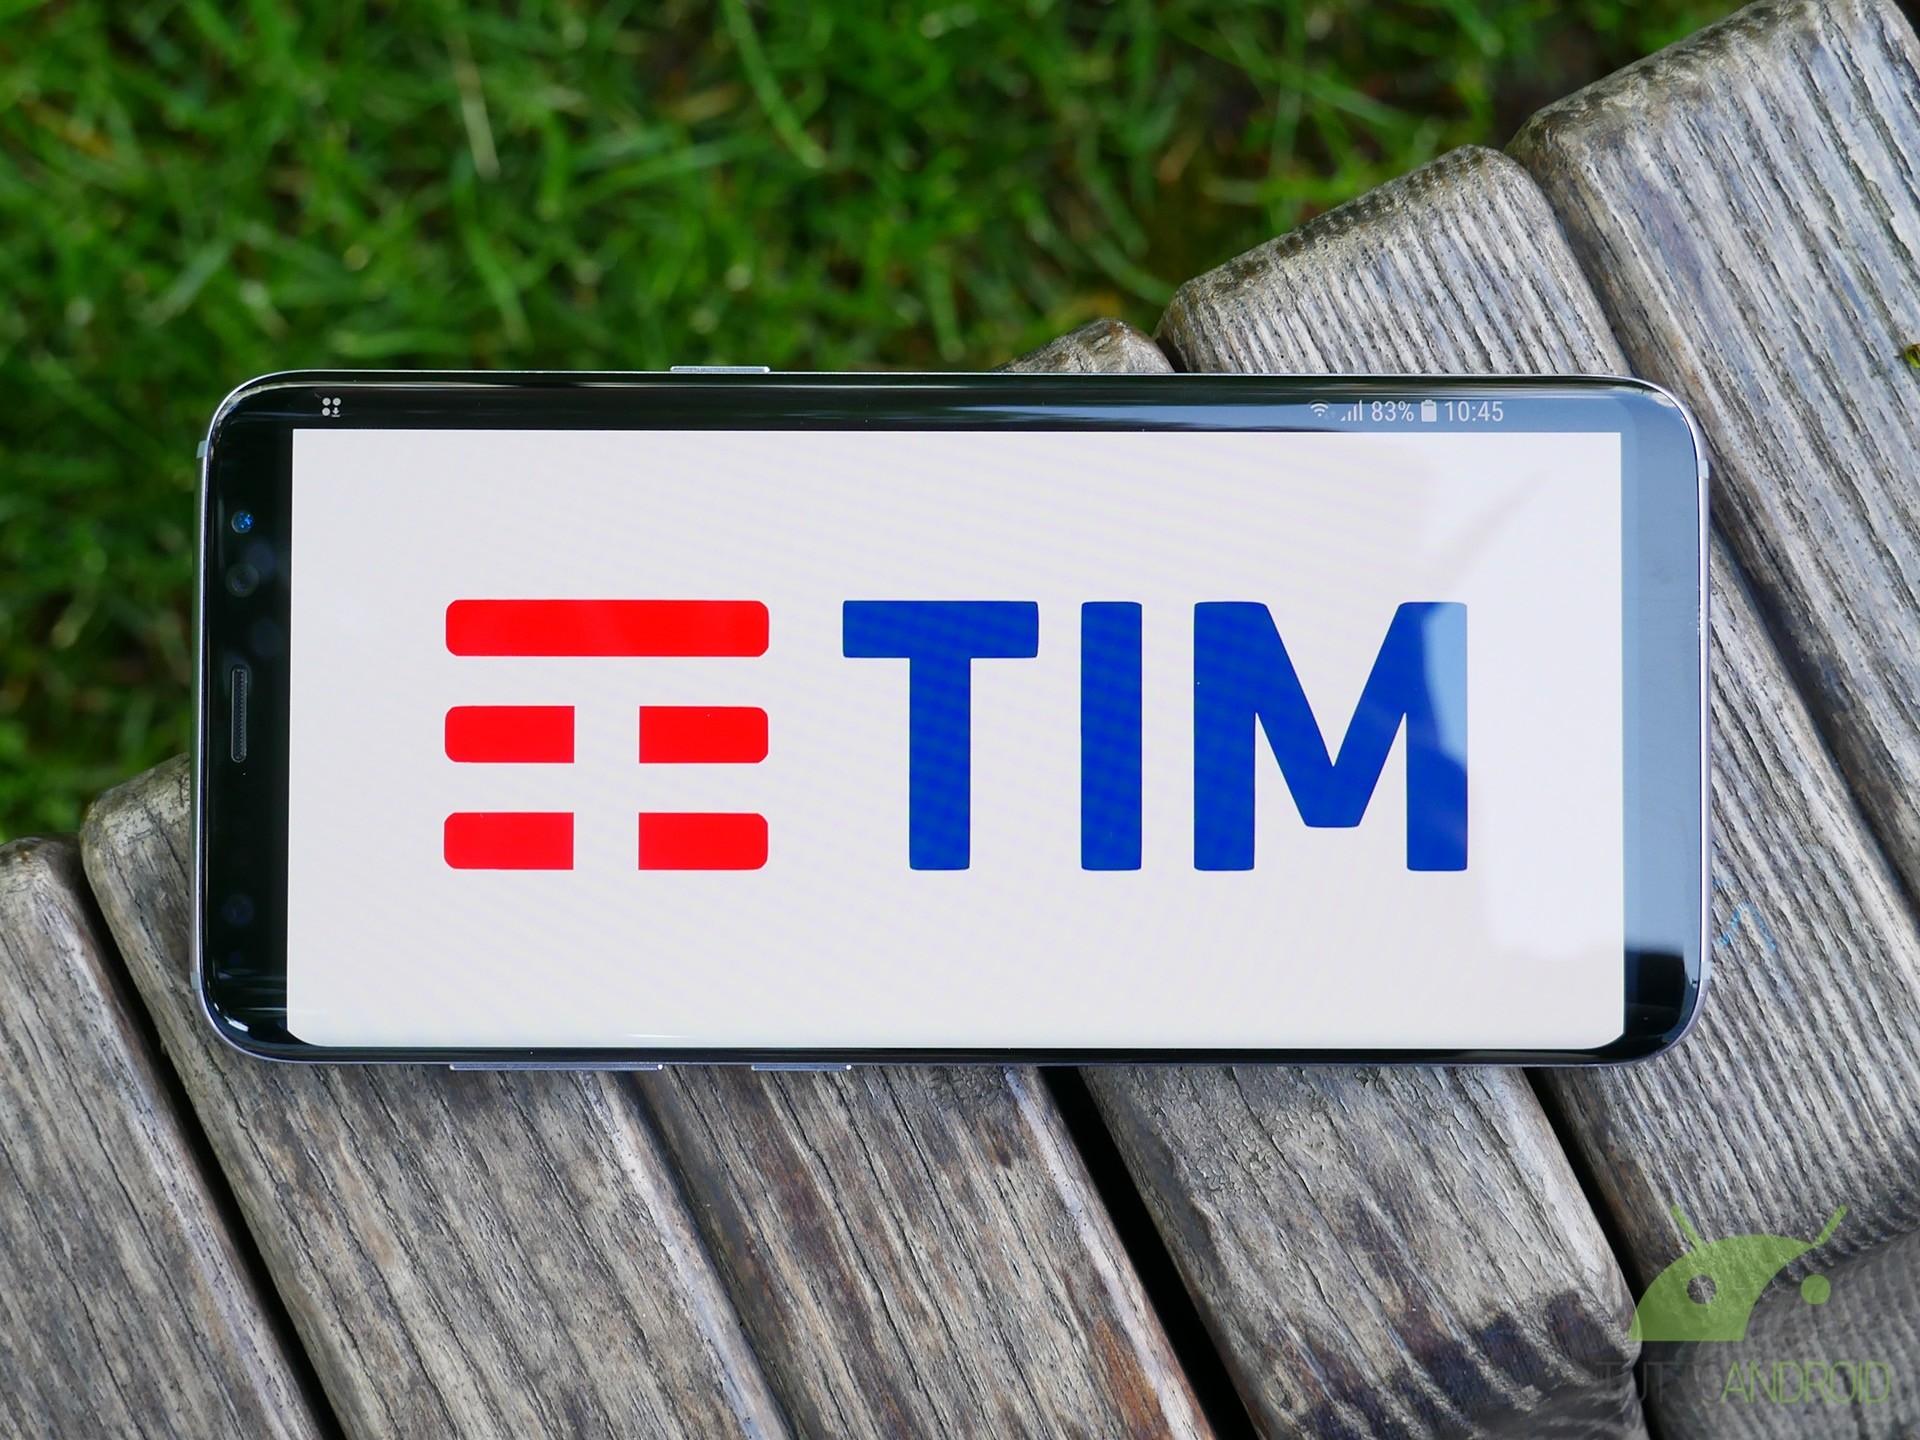 TIM Supreme New è un'offerta super disponibile in alcuni cor